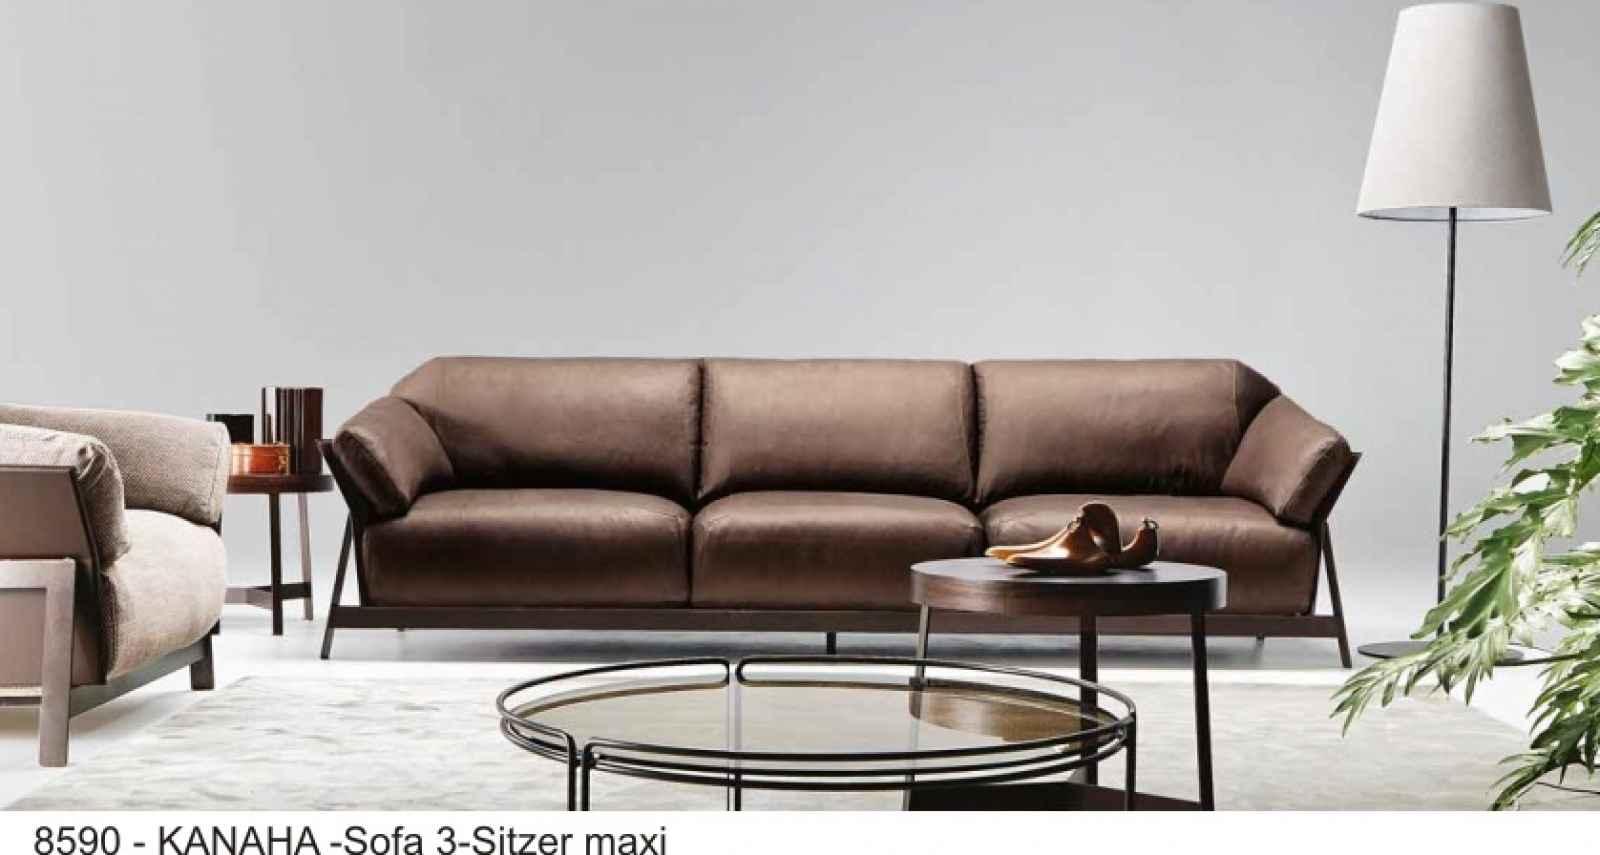 Sofa 8590 Ditreitalia KANAHA